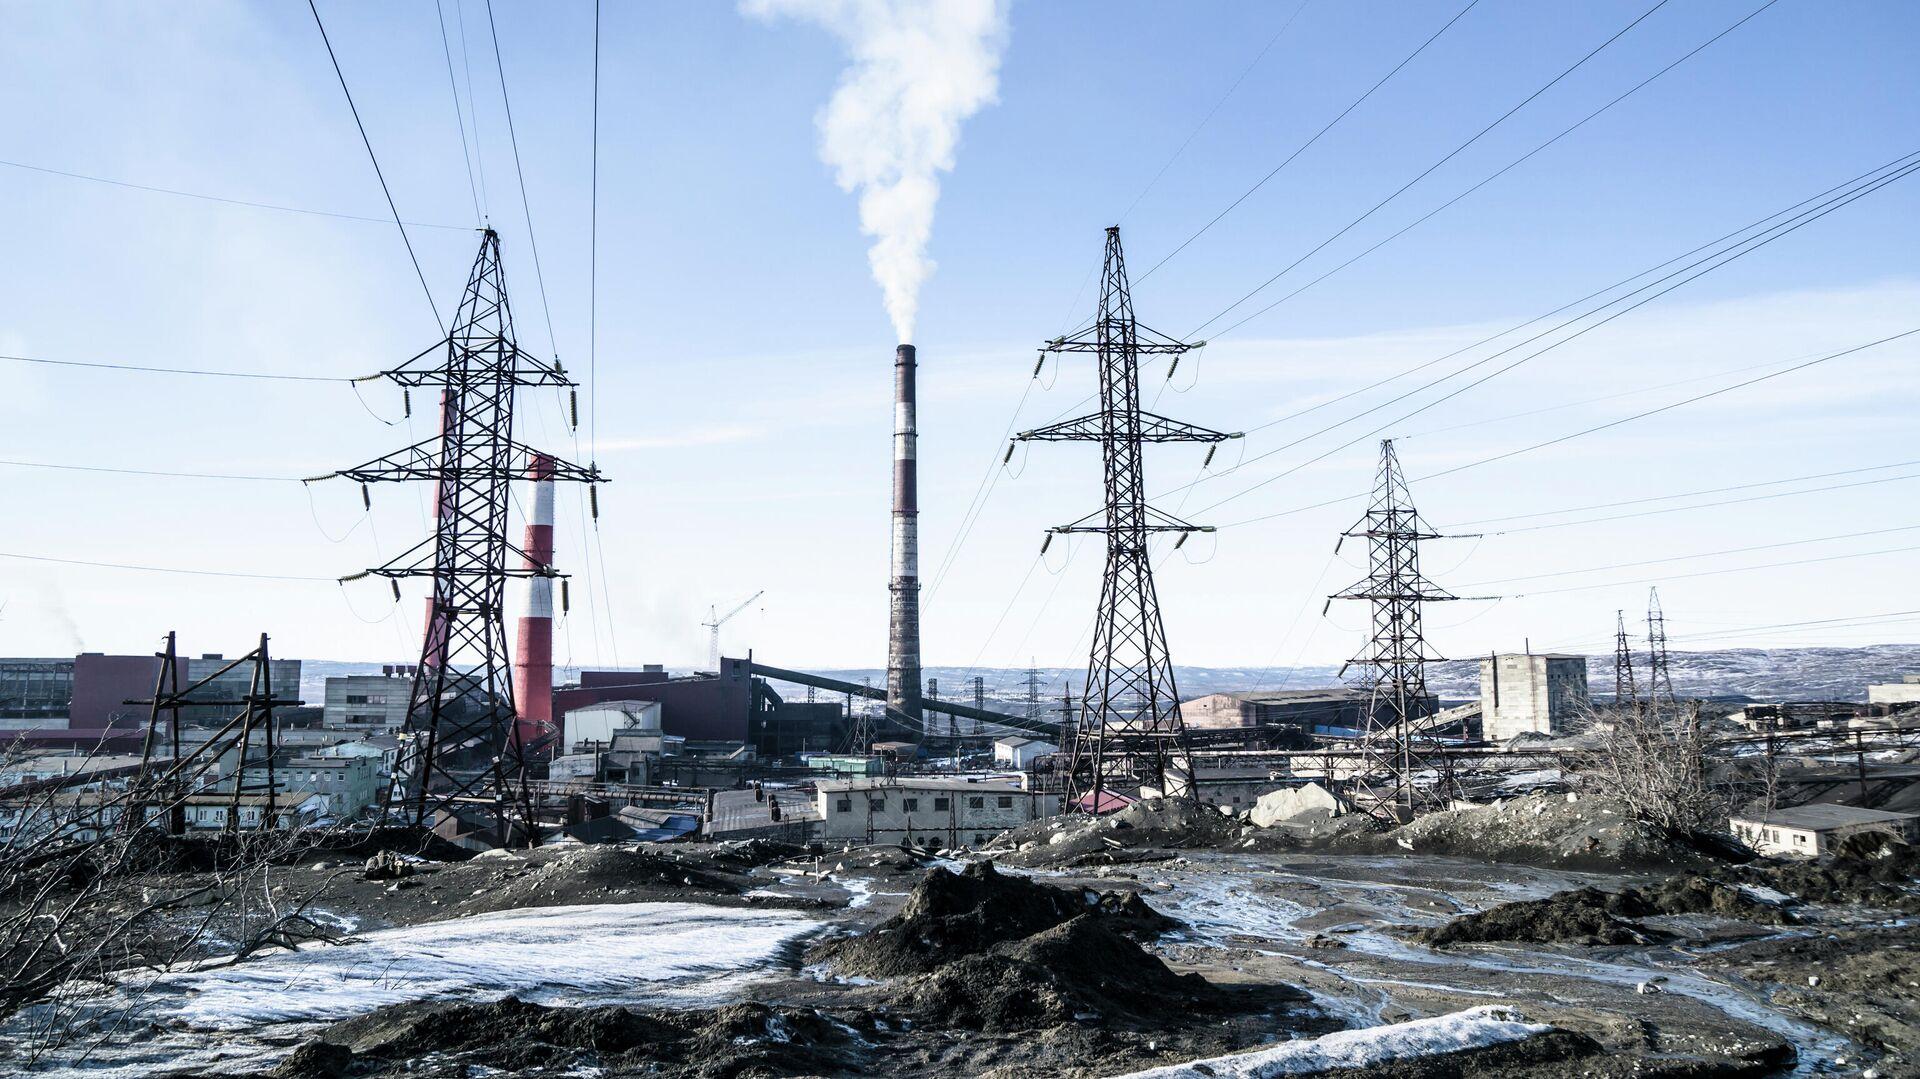 Город Никель в Мурманской области - РИА Новости, 1920, 27.11.2020